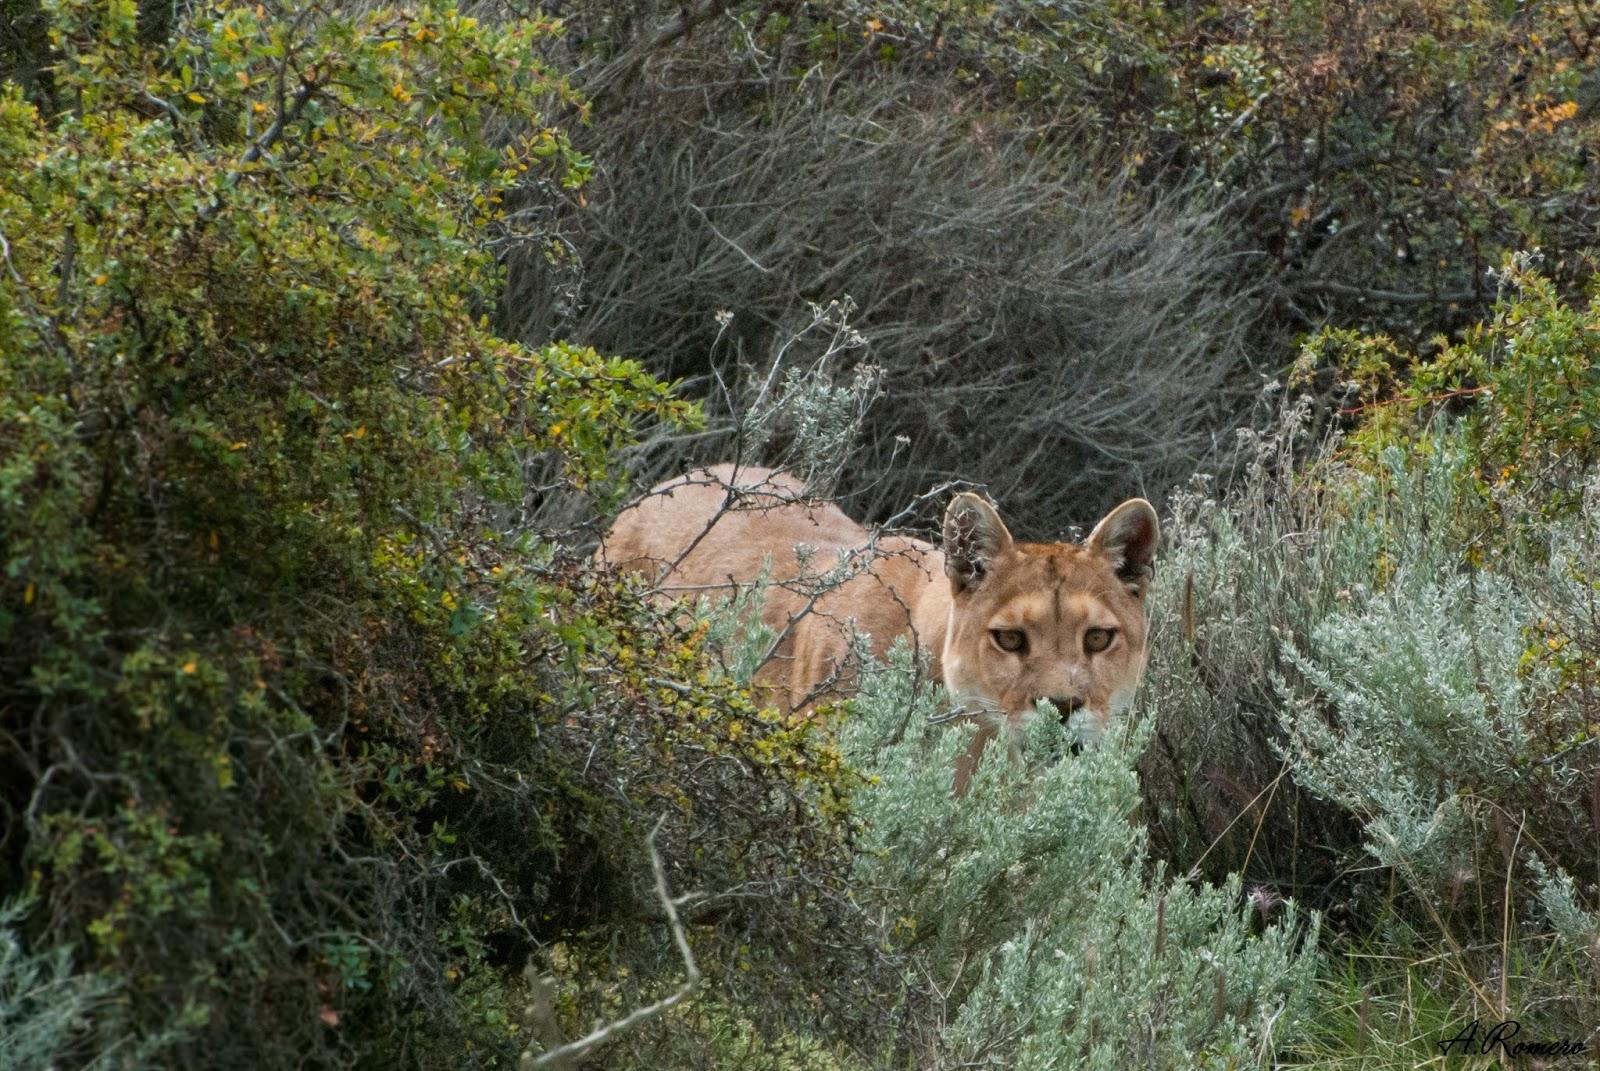 El puma (Puma concolor), cuarto felino más grande del planeta, habita desde el Yukón canadiense hasta el extremo sur del Sudamérica. Parque Nacional Torres del Paine, Chile.